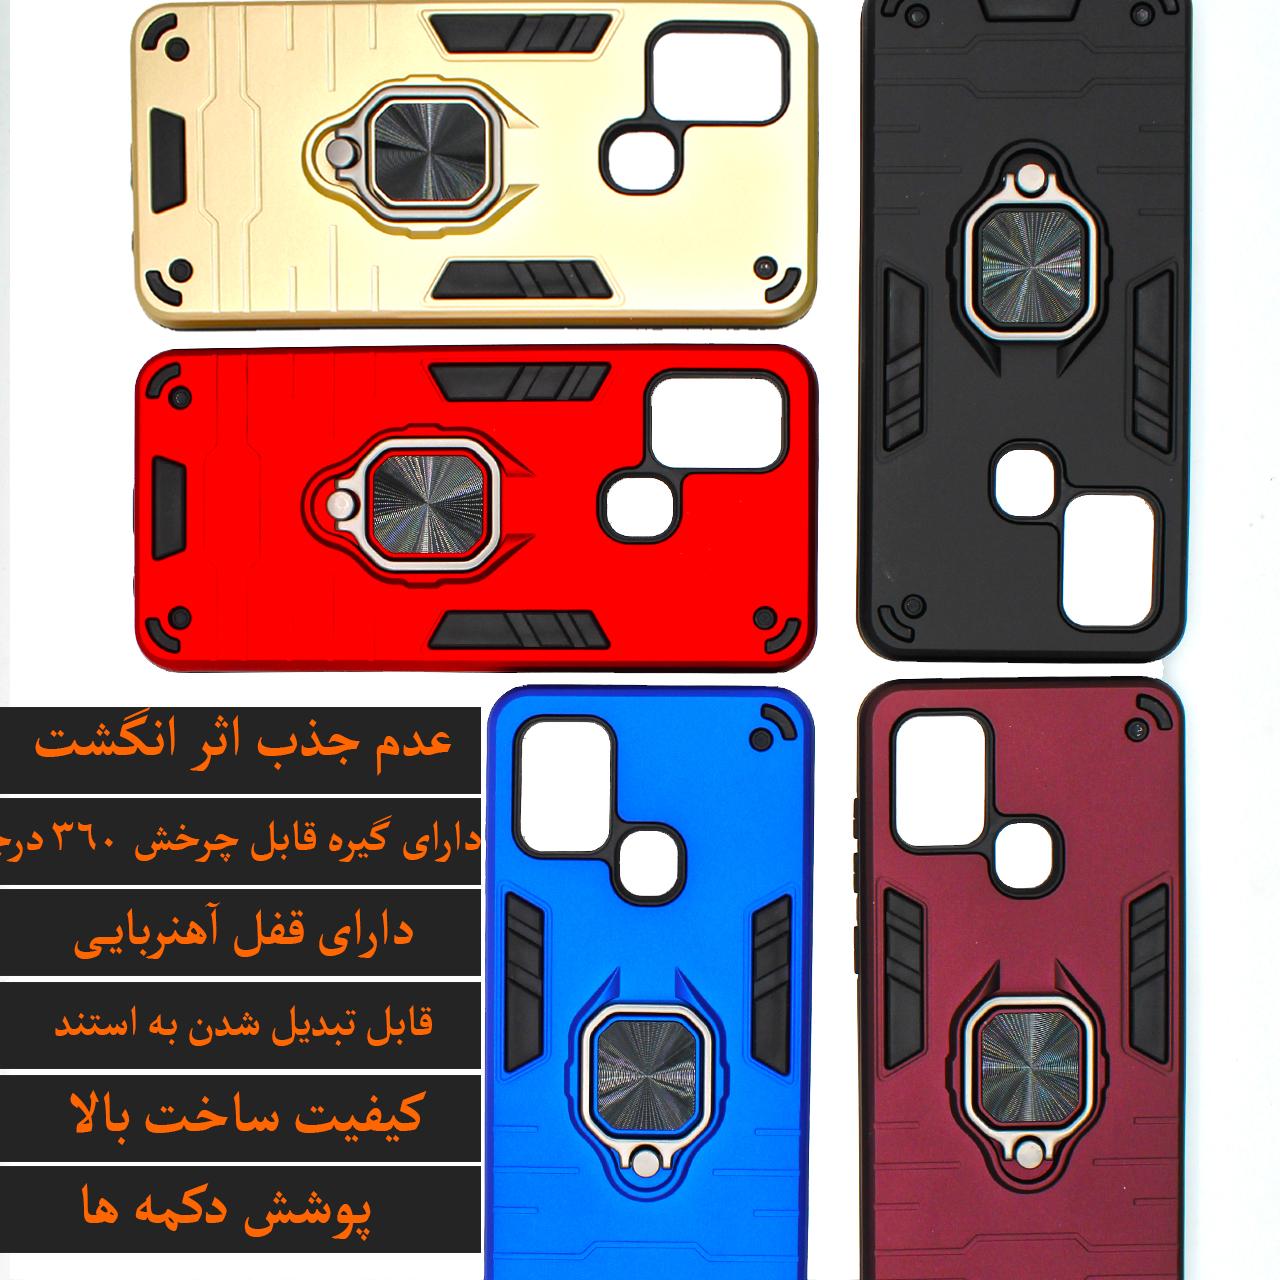 کاور لاین کینگ مدل ASH22 مناسب برای گوشی موبایل سامسونگ مدل Galaxy A21S main 1 8